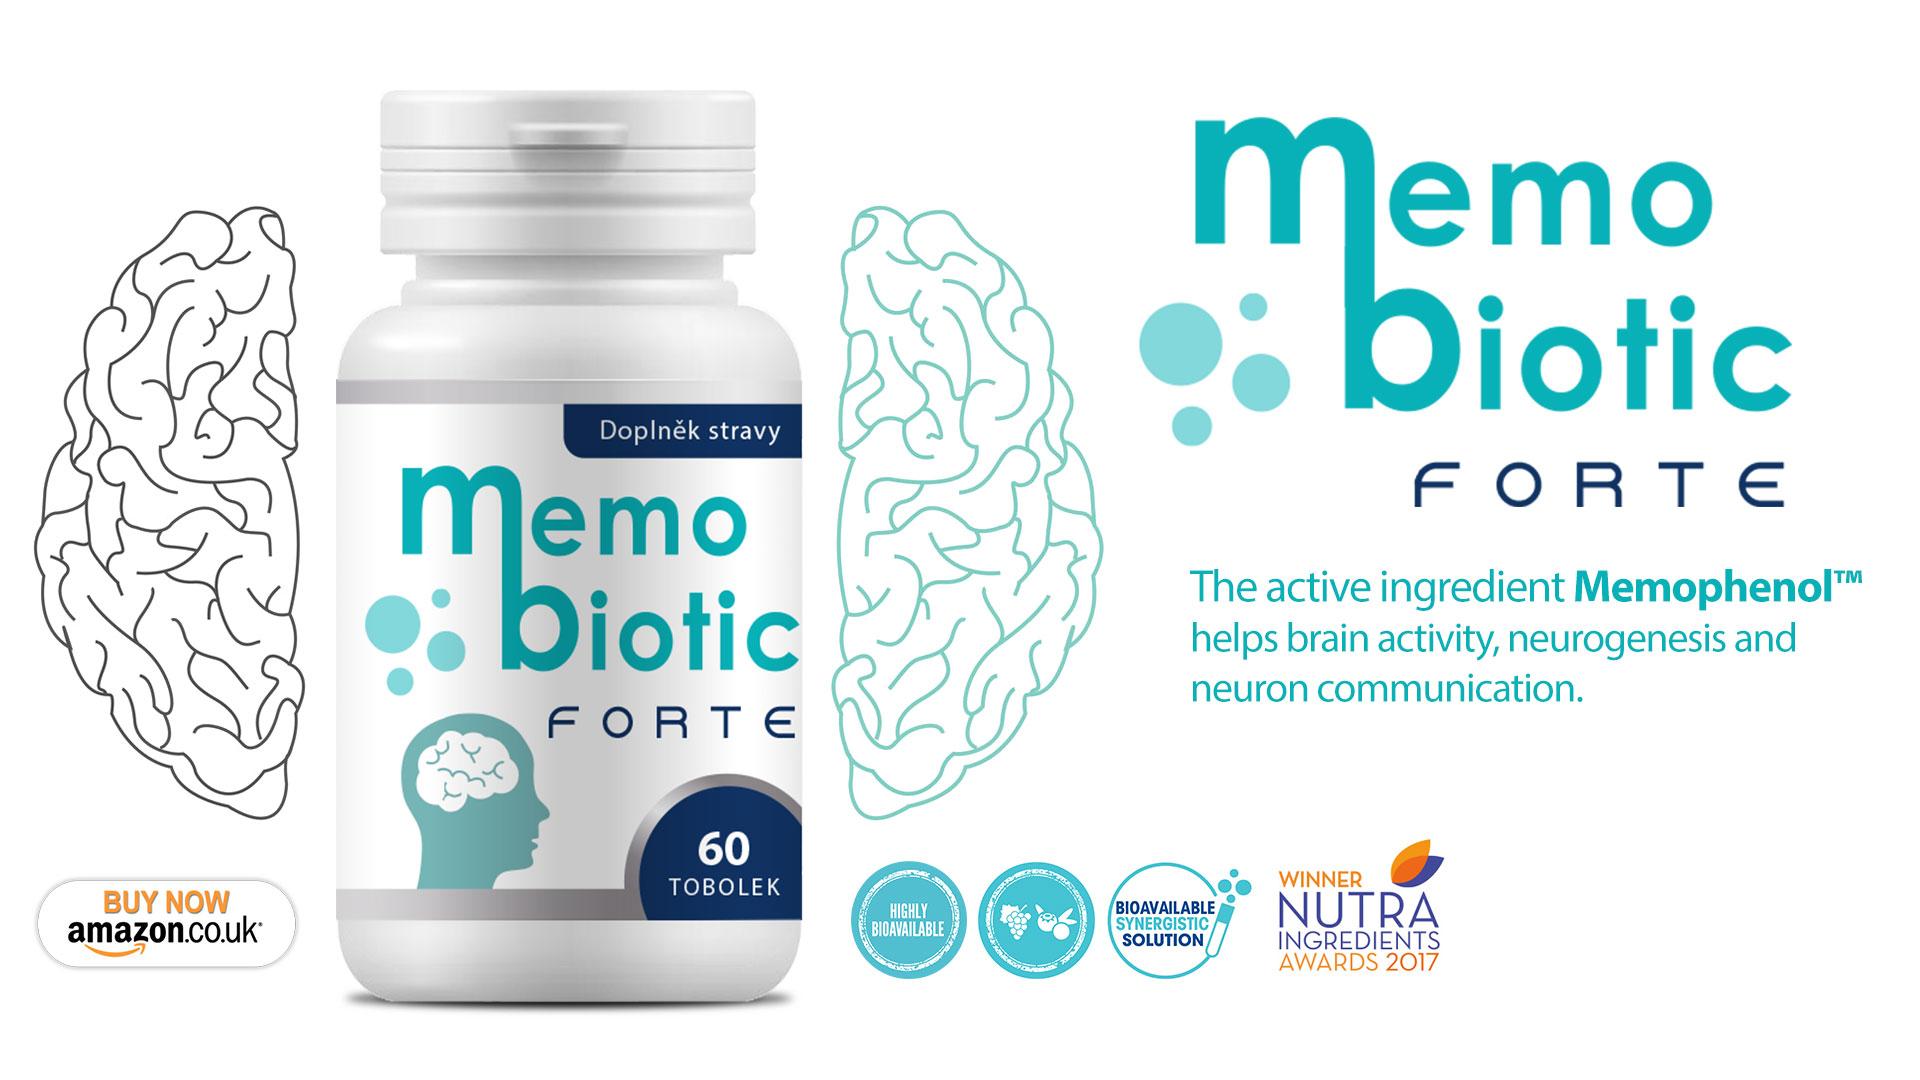 Memobiotic Forte - nootropics, brain supplement